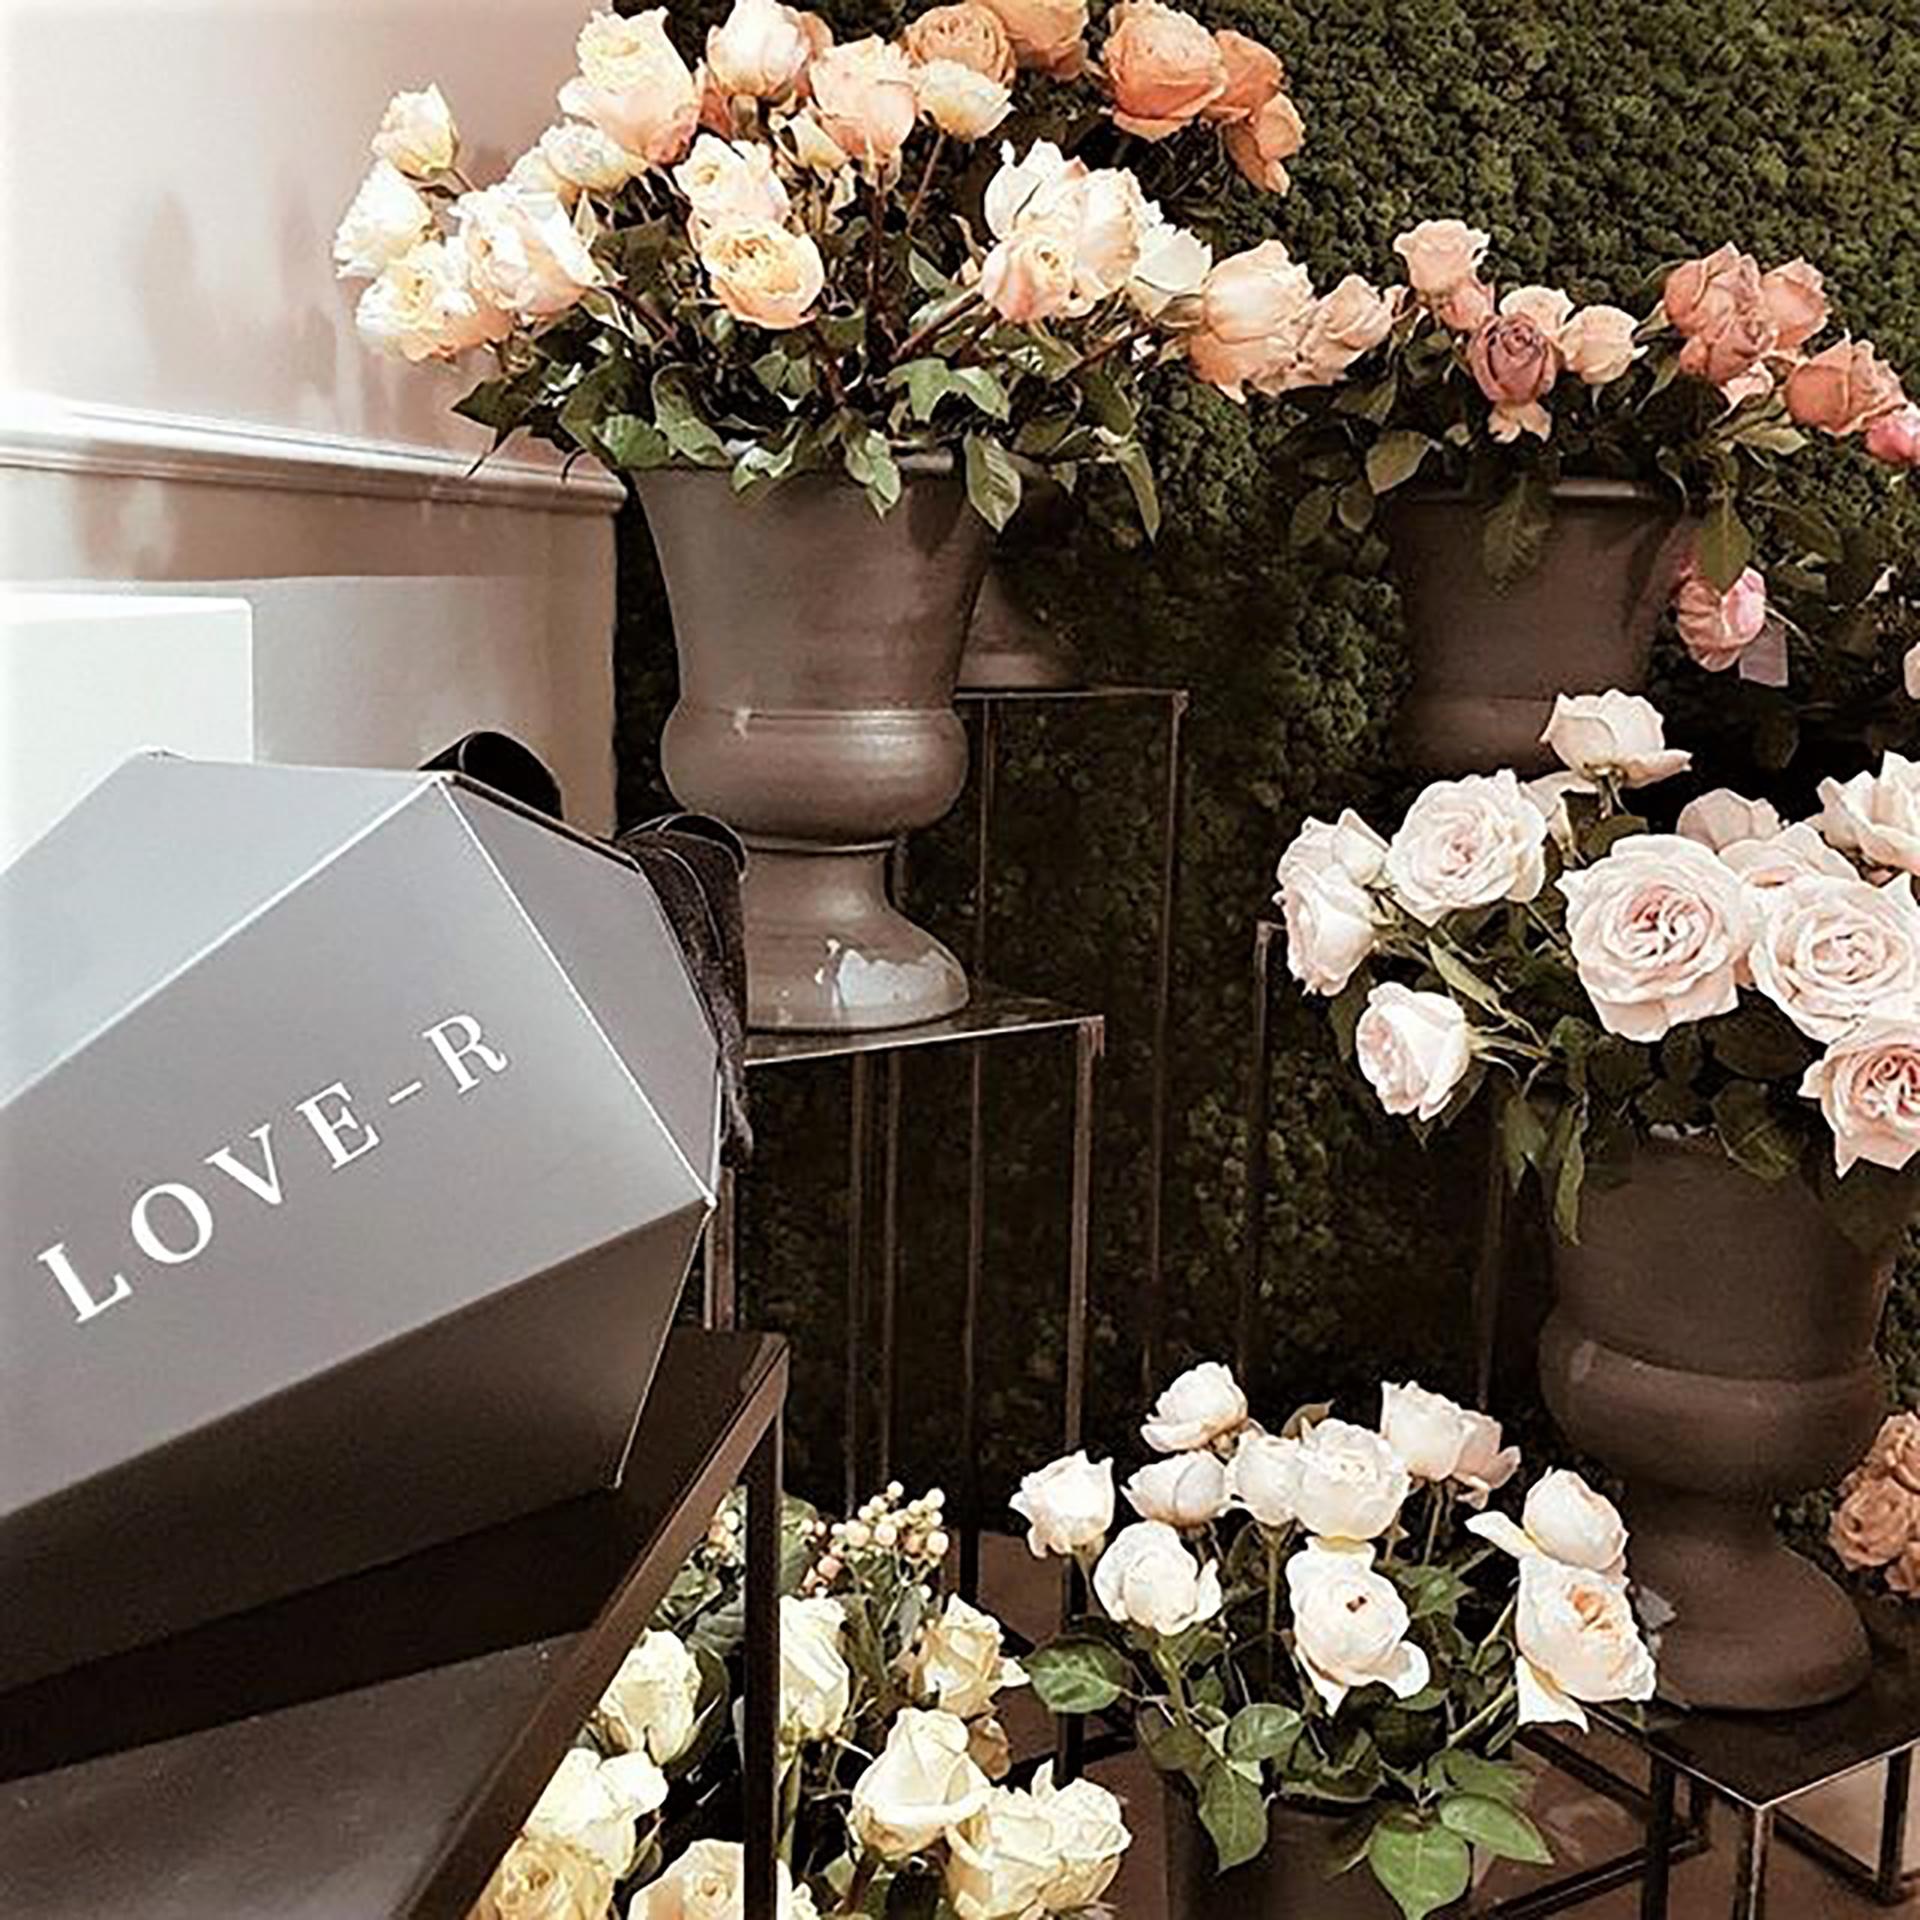 Love-r. Le rose utilizzate per le confezioni provengono dalle migliori coltivazioni attentamente scelte per aderire agli elevati standard qualitativi.